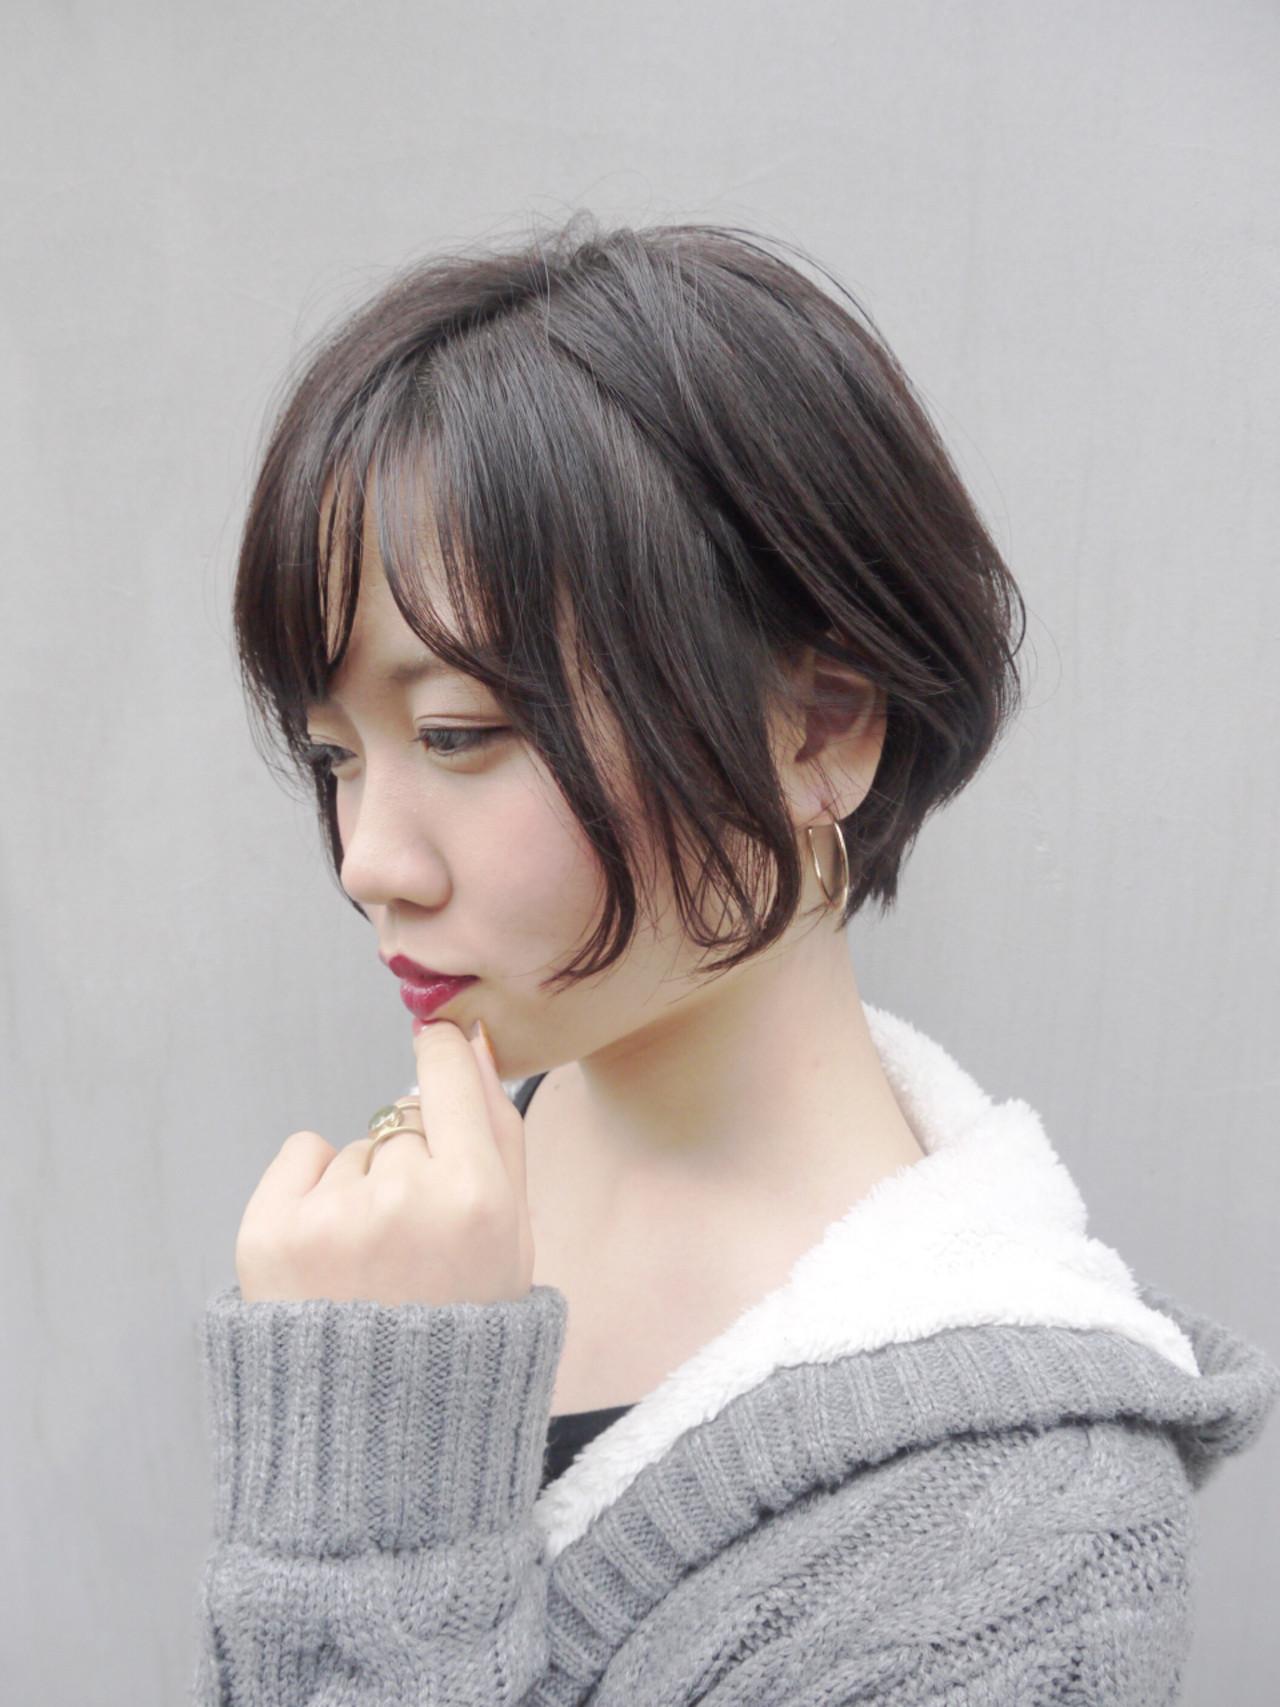 ピアスがアクセントになるショートアレンジ Hiroki Sakuma【morio原宿】  モリオフロムロンドン原宿本店